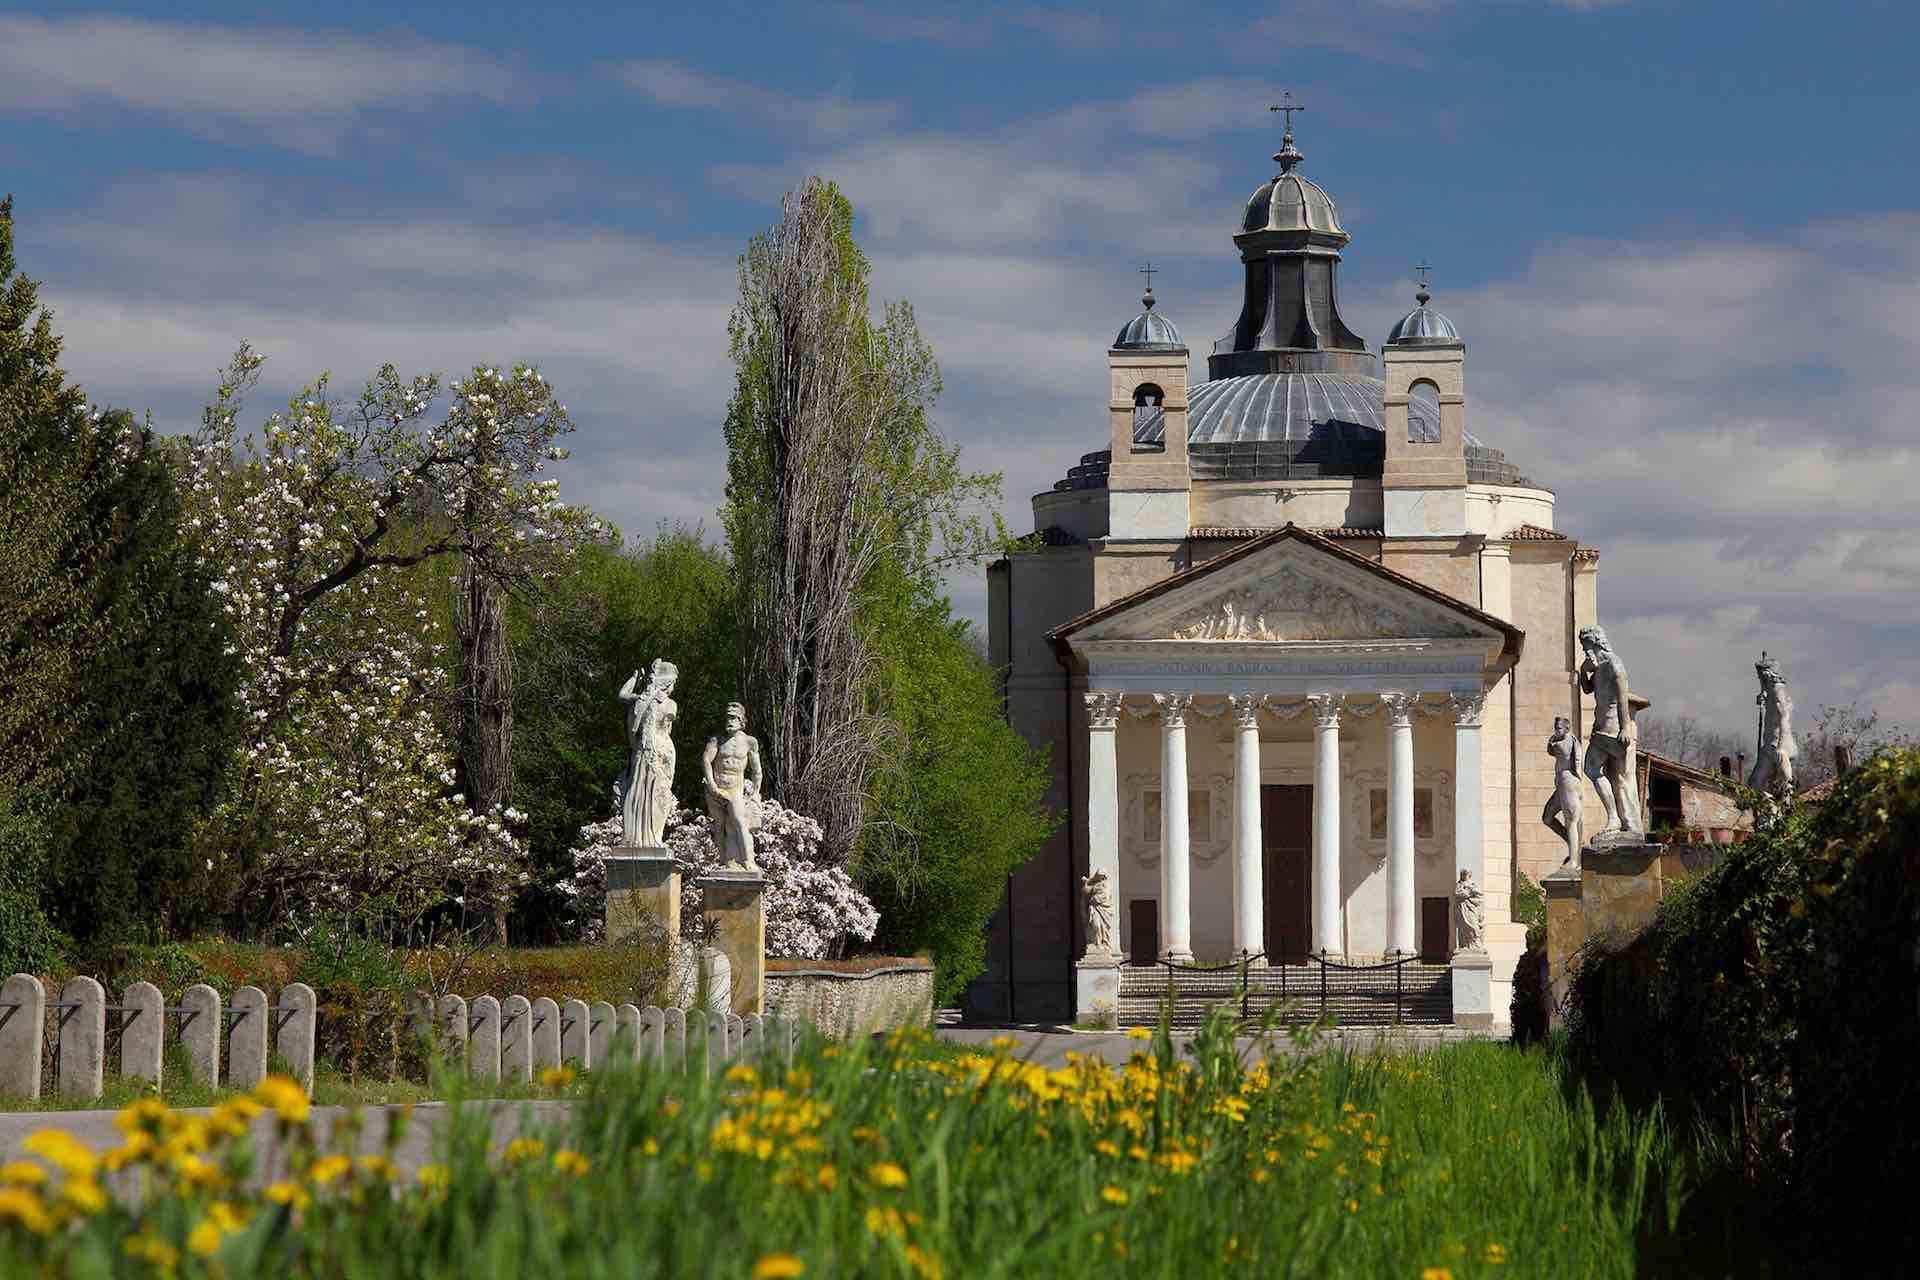 Visita Villa Maser sulle tracce di Andrea Palladio, La città di Vicenza e le ville palladiane del Veneto sono uno dei patrimoni dell'umanità UNESCO